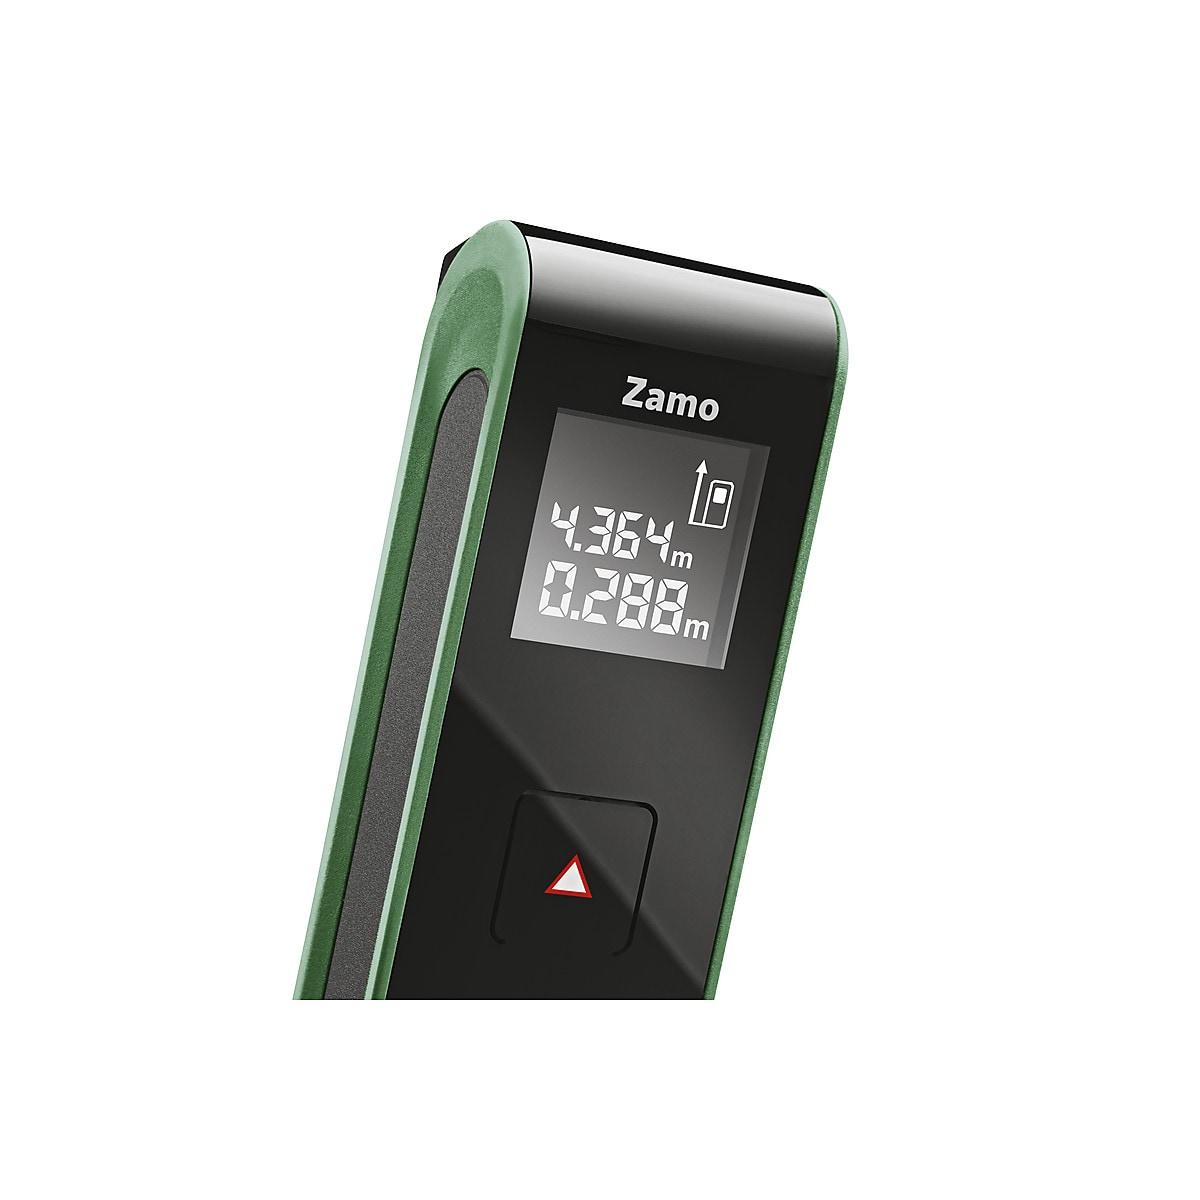 Avståndsmätare Bosch Zamo II